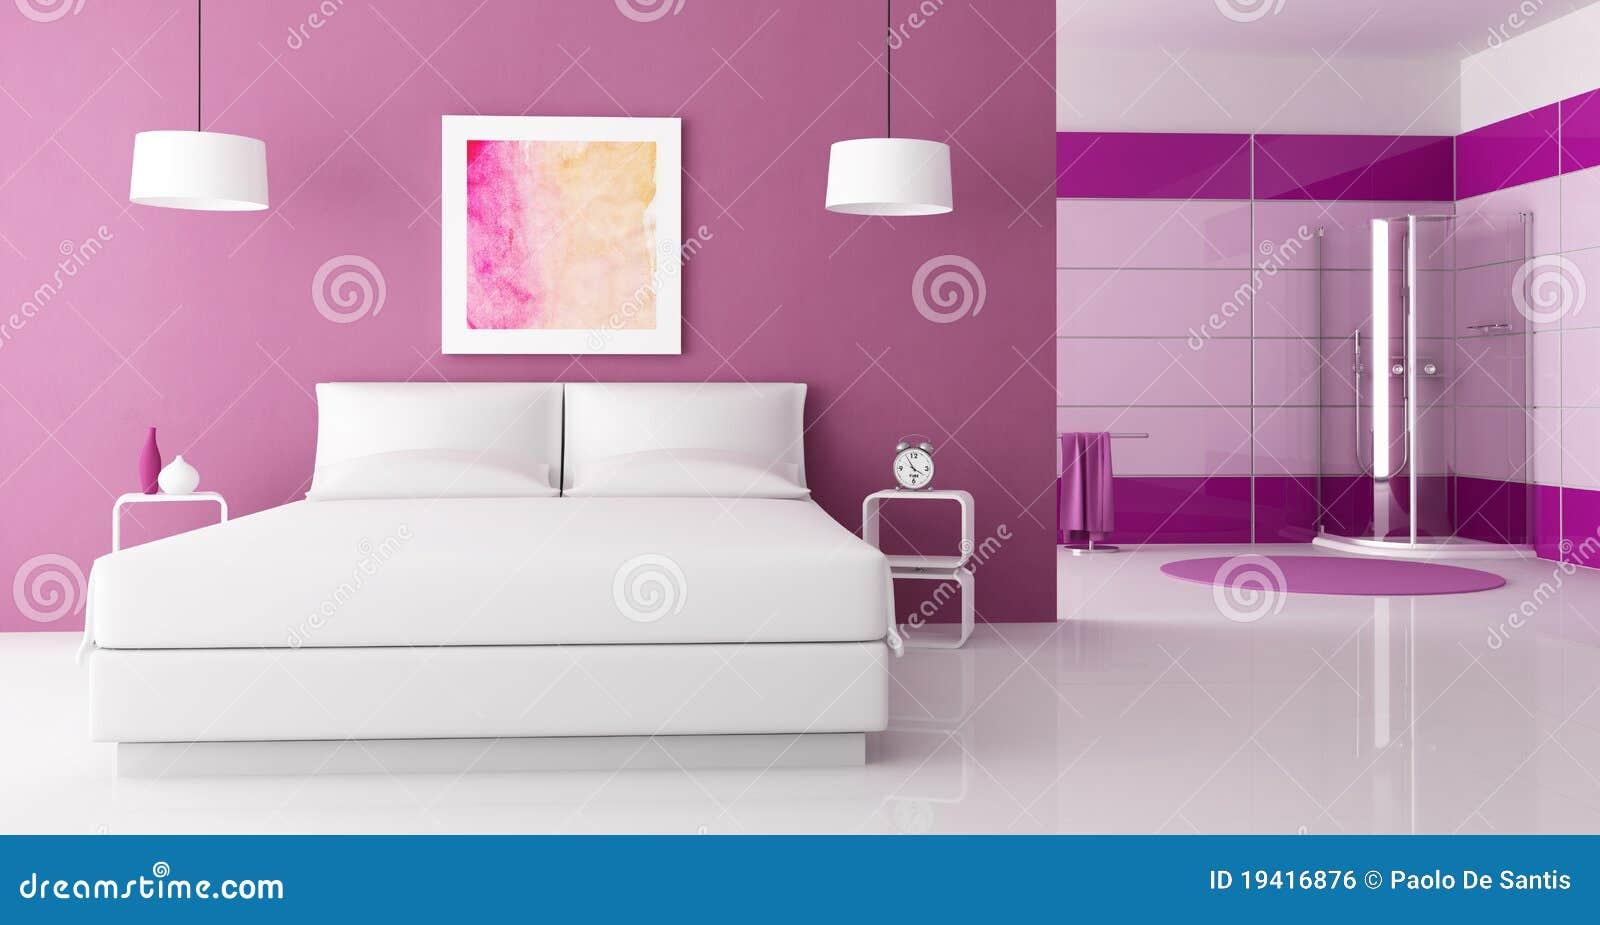 Pareti Viola E Lilla : Pareti viola e lilla good adatto per ambienti di camera letto